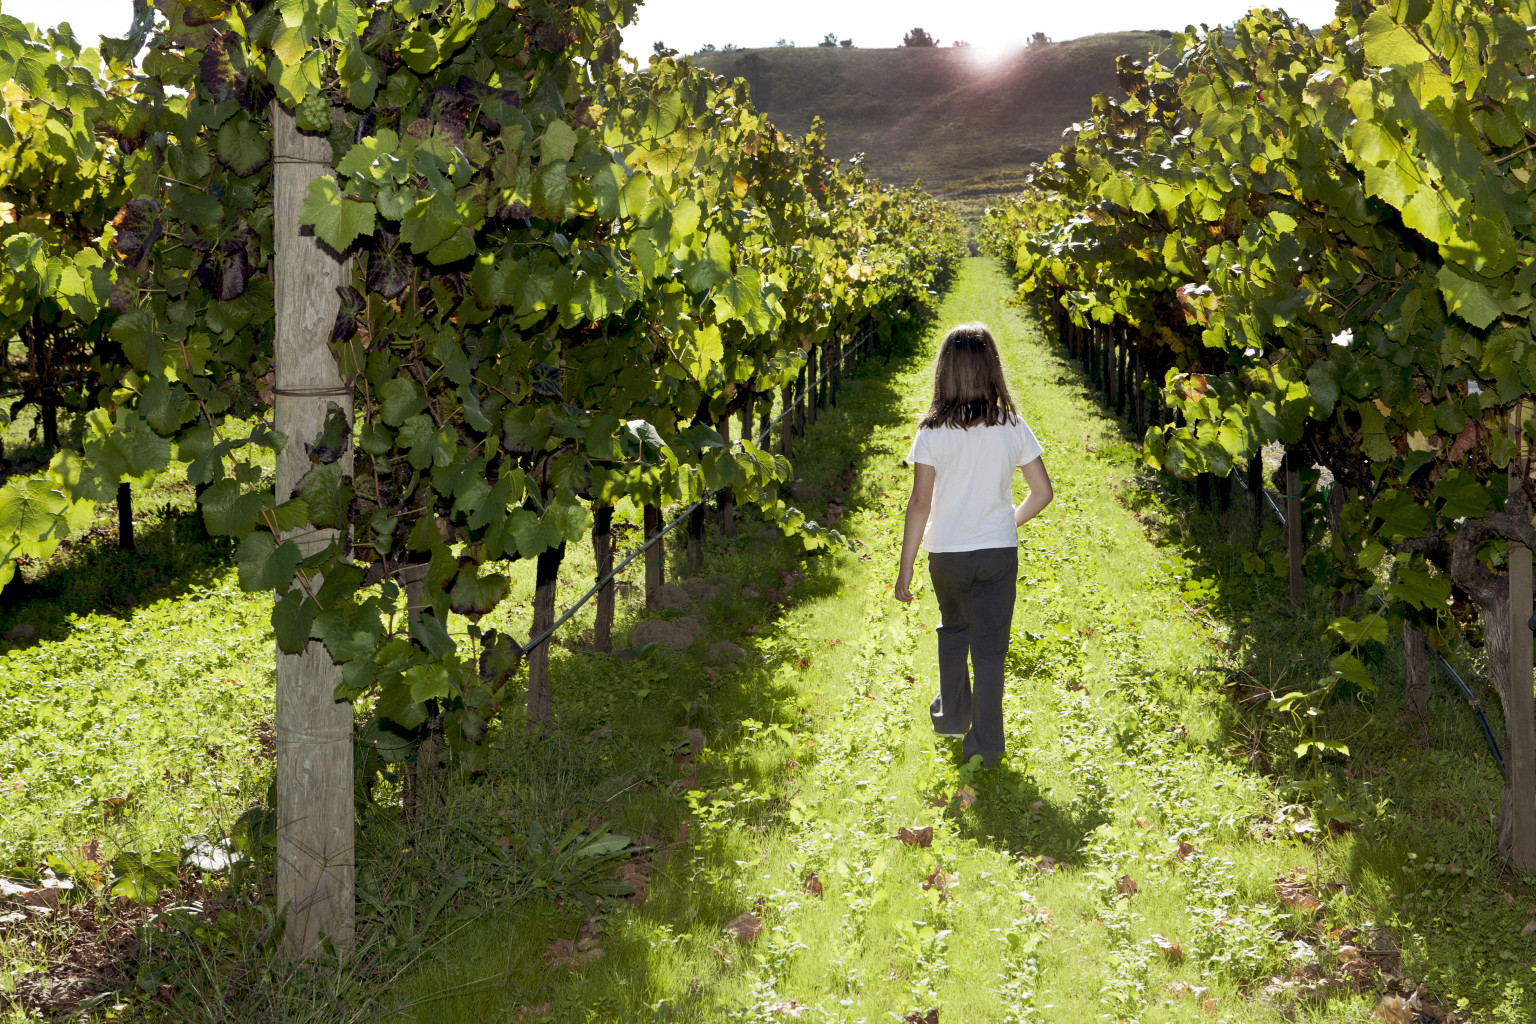 girl walking in vineyard.jpg